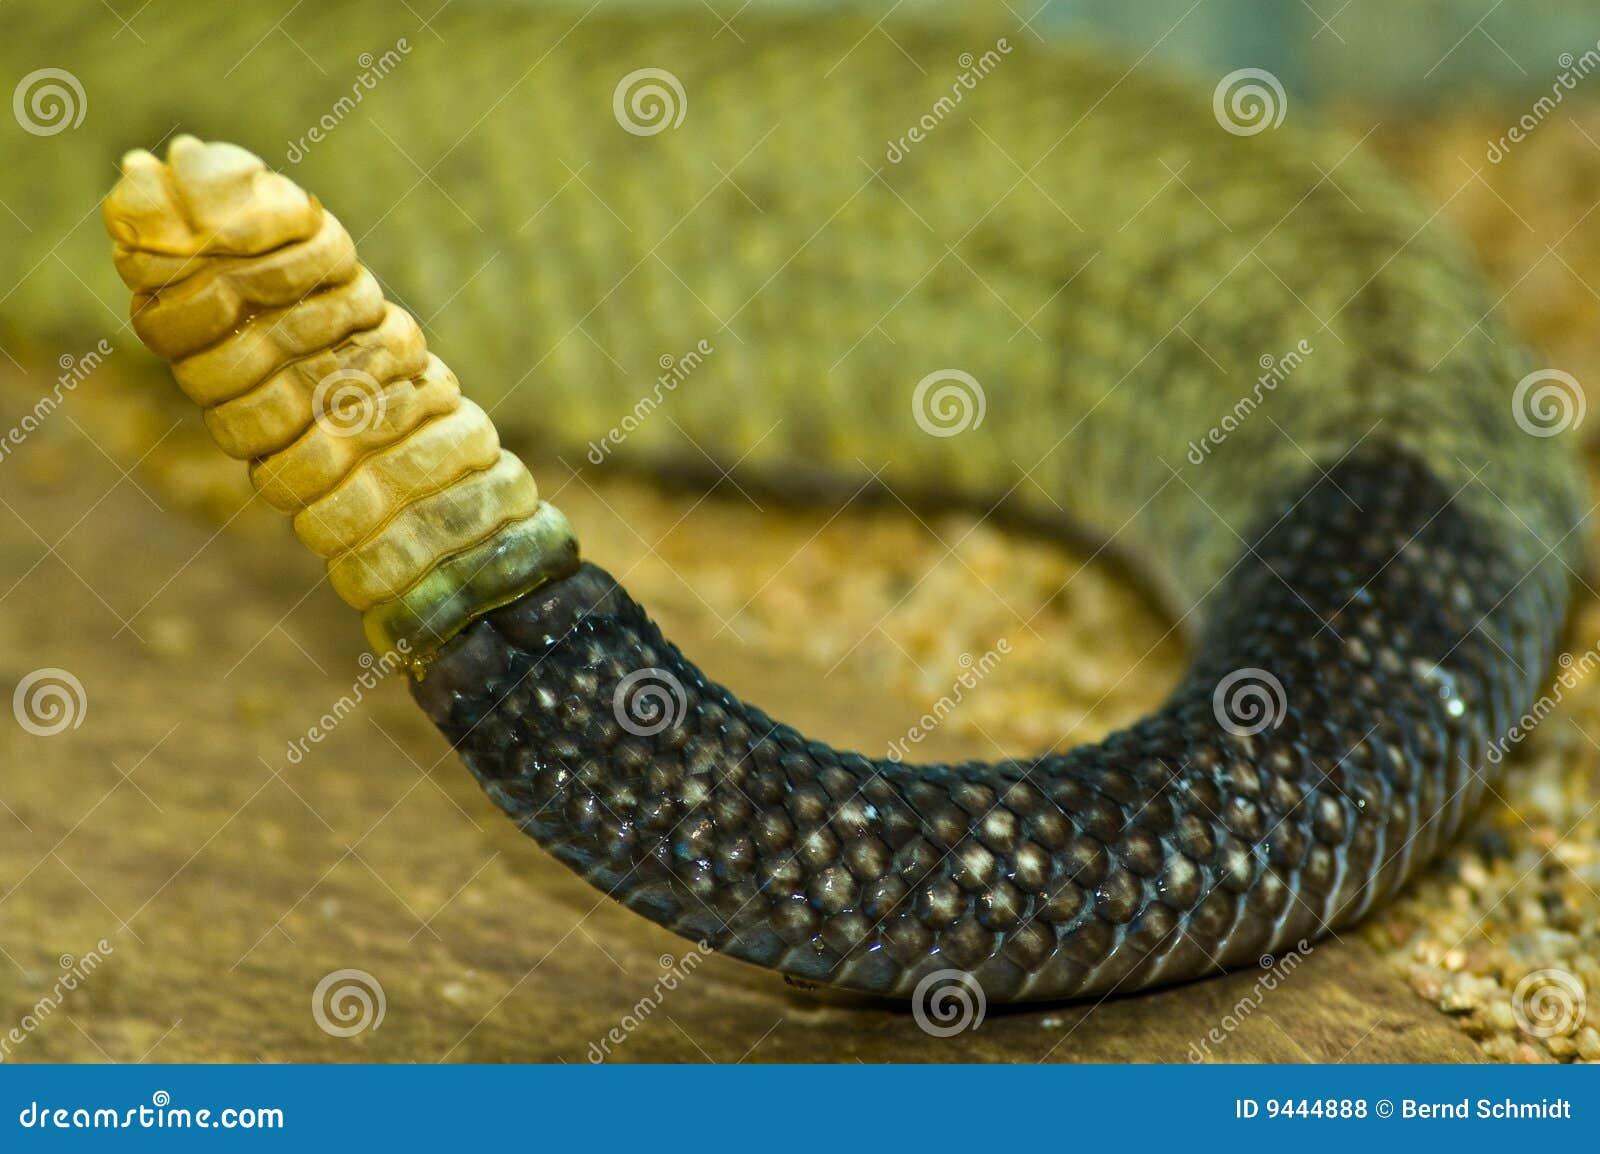 Asombroso Colorear Serpiente De Cascabel Elaboración - Dibujos Para ...